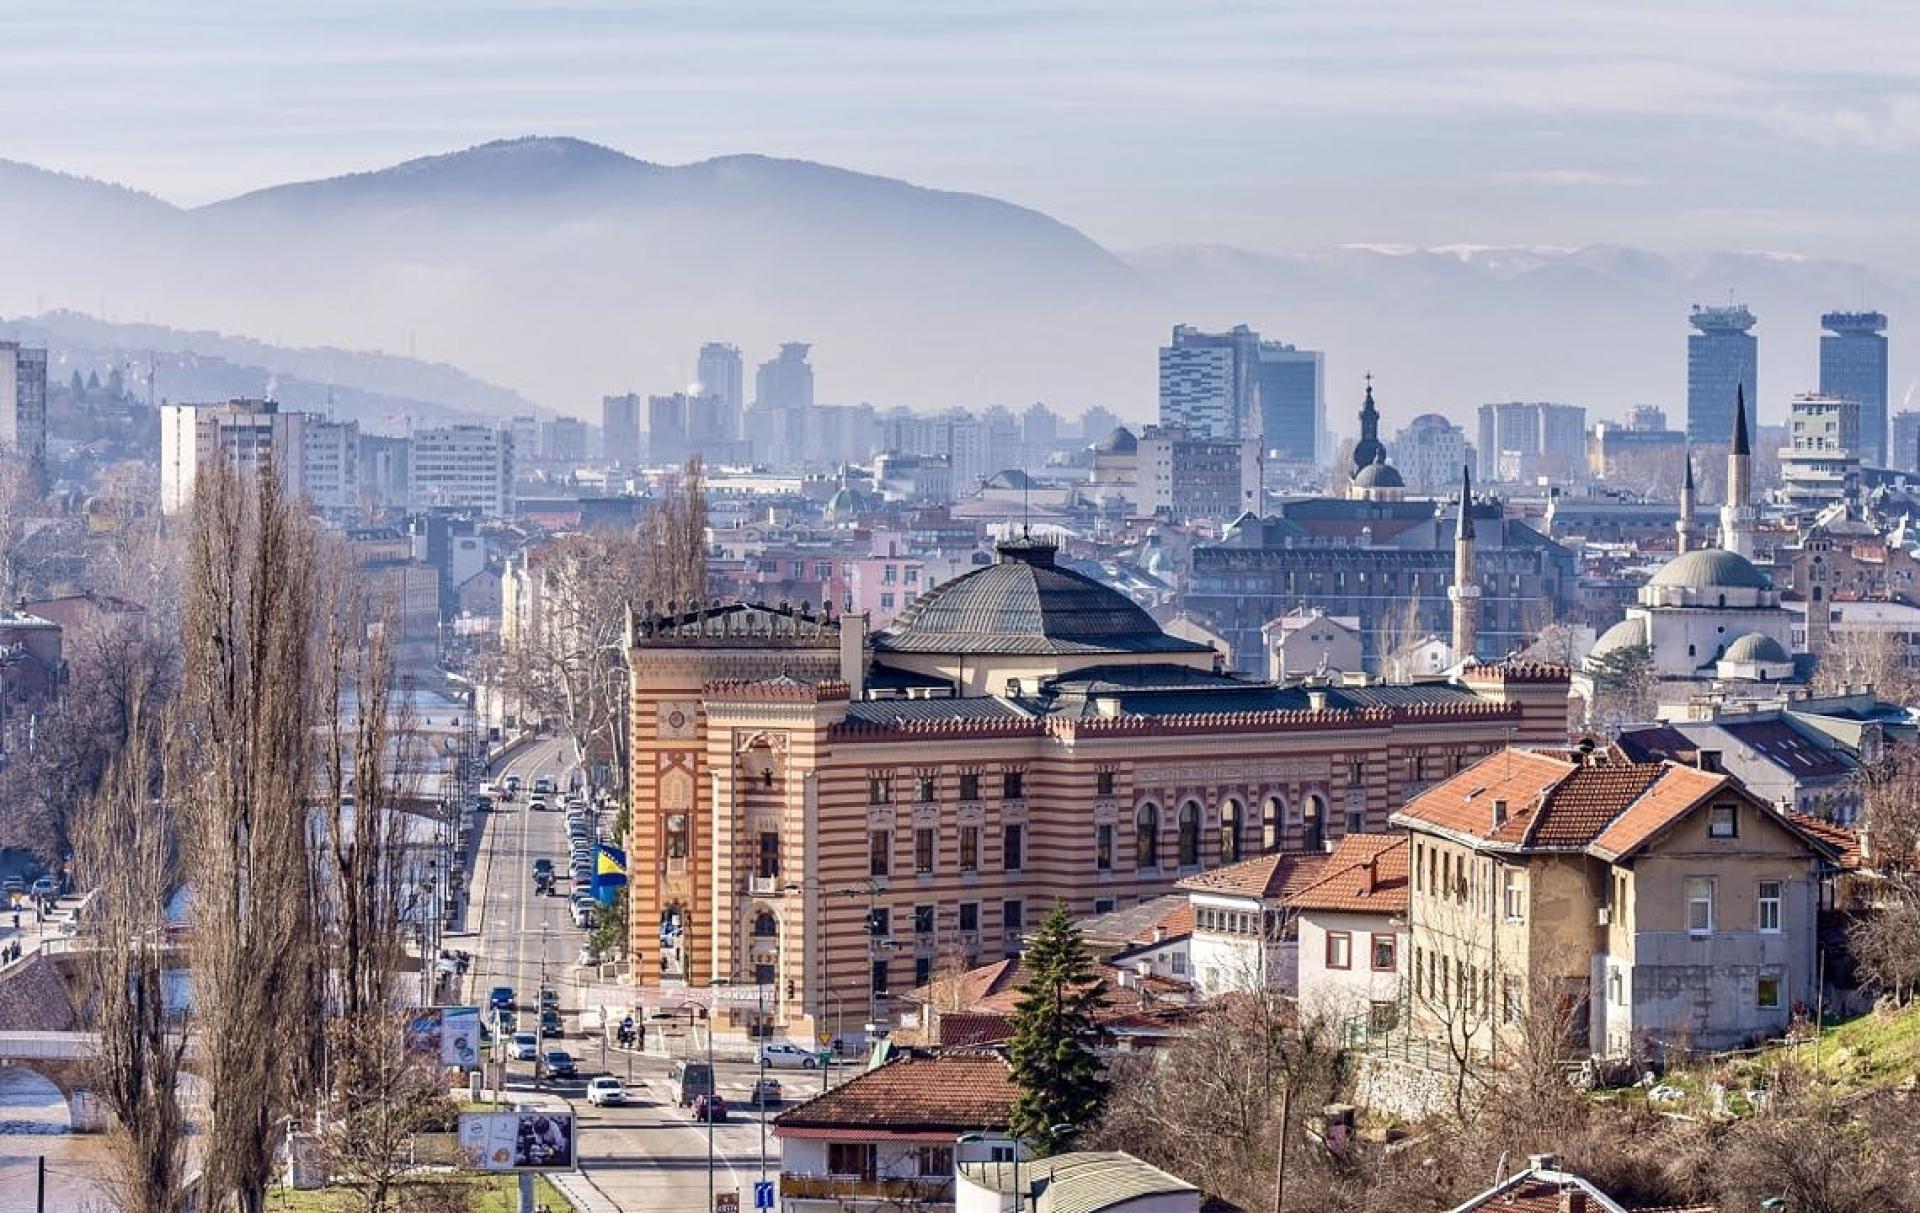 Podrška IZ državnoj samostalnosti Bosne i Hercegovine